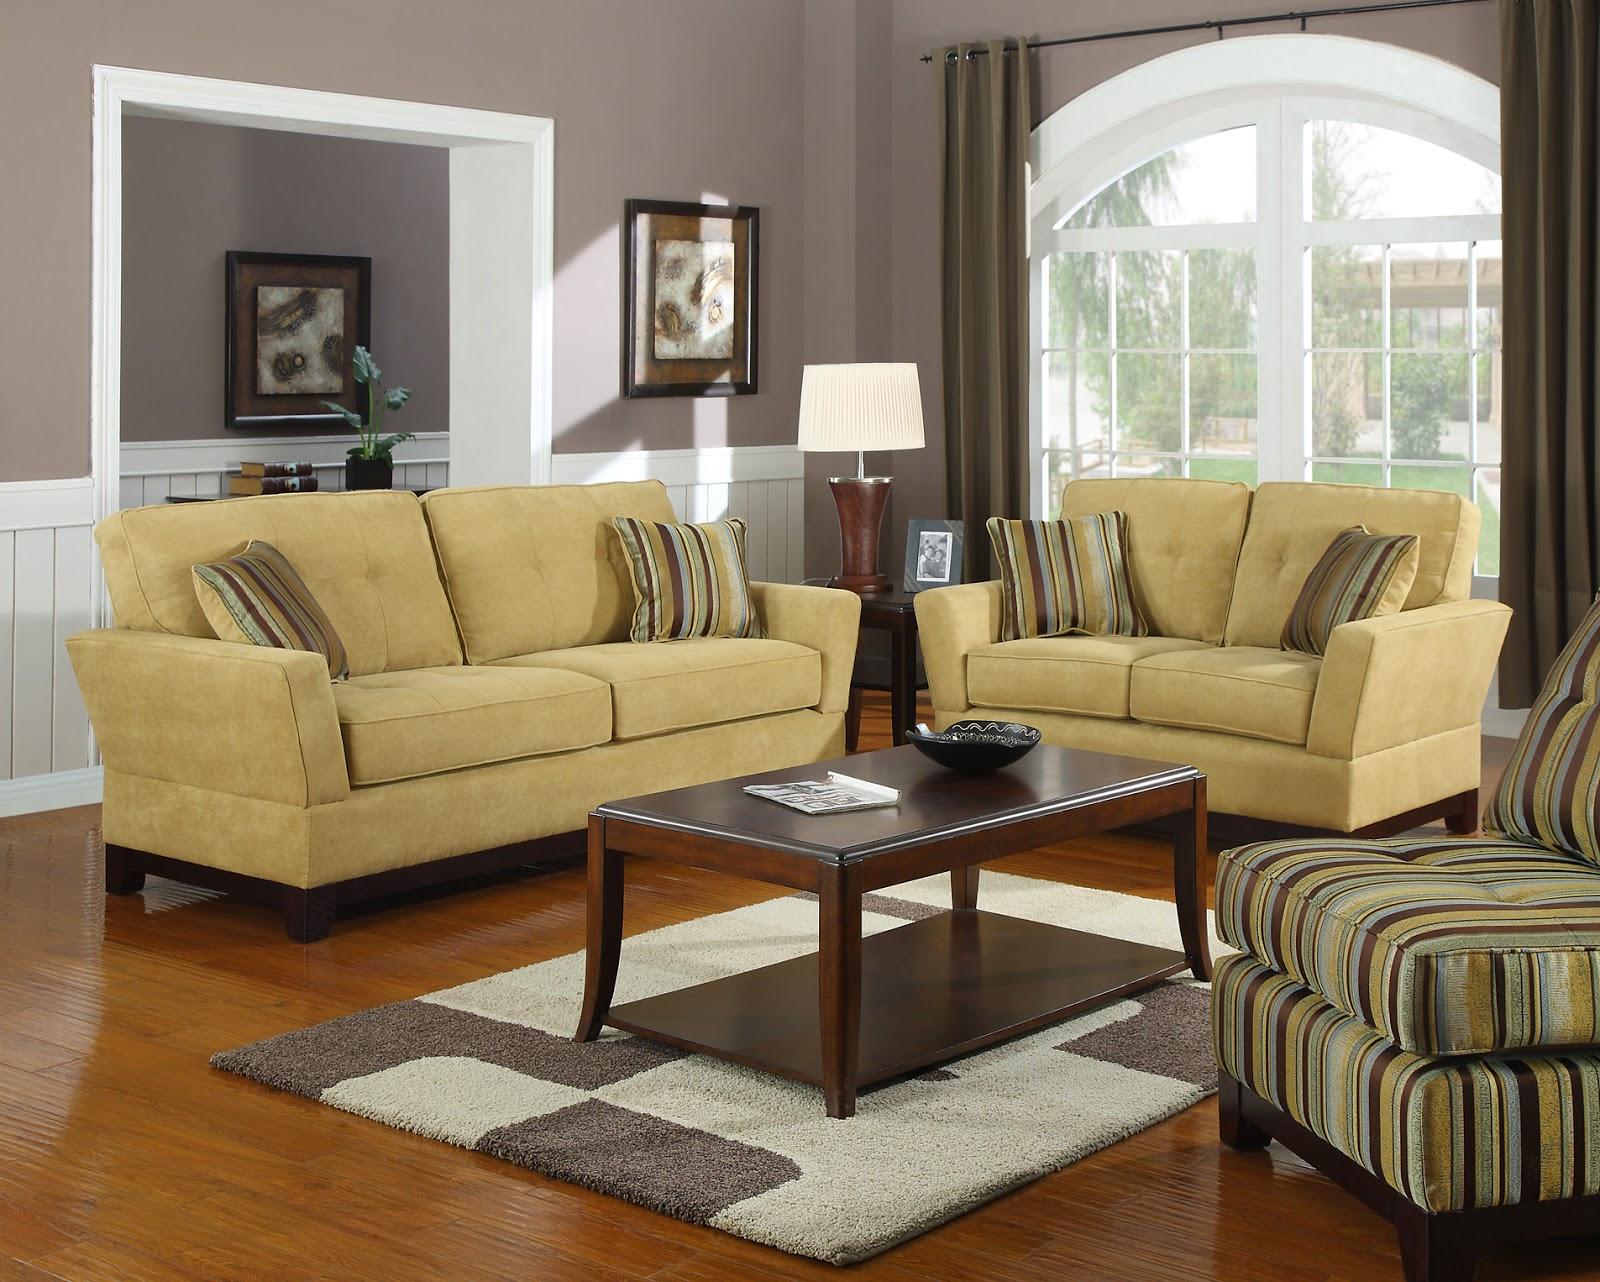 Living Room Ideas Brown Sofa Color Walls Part 77